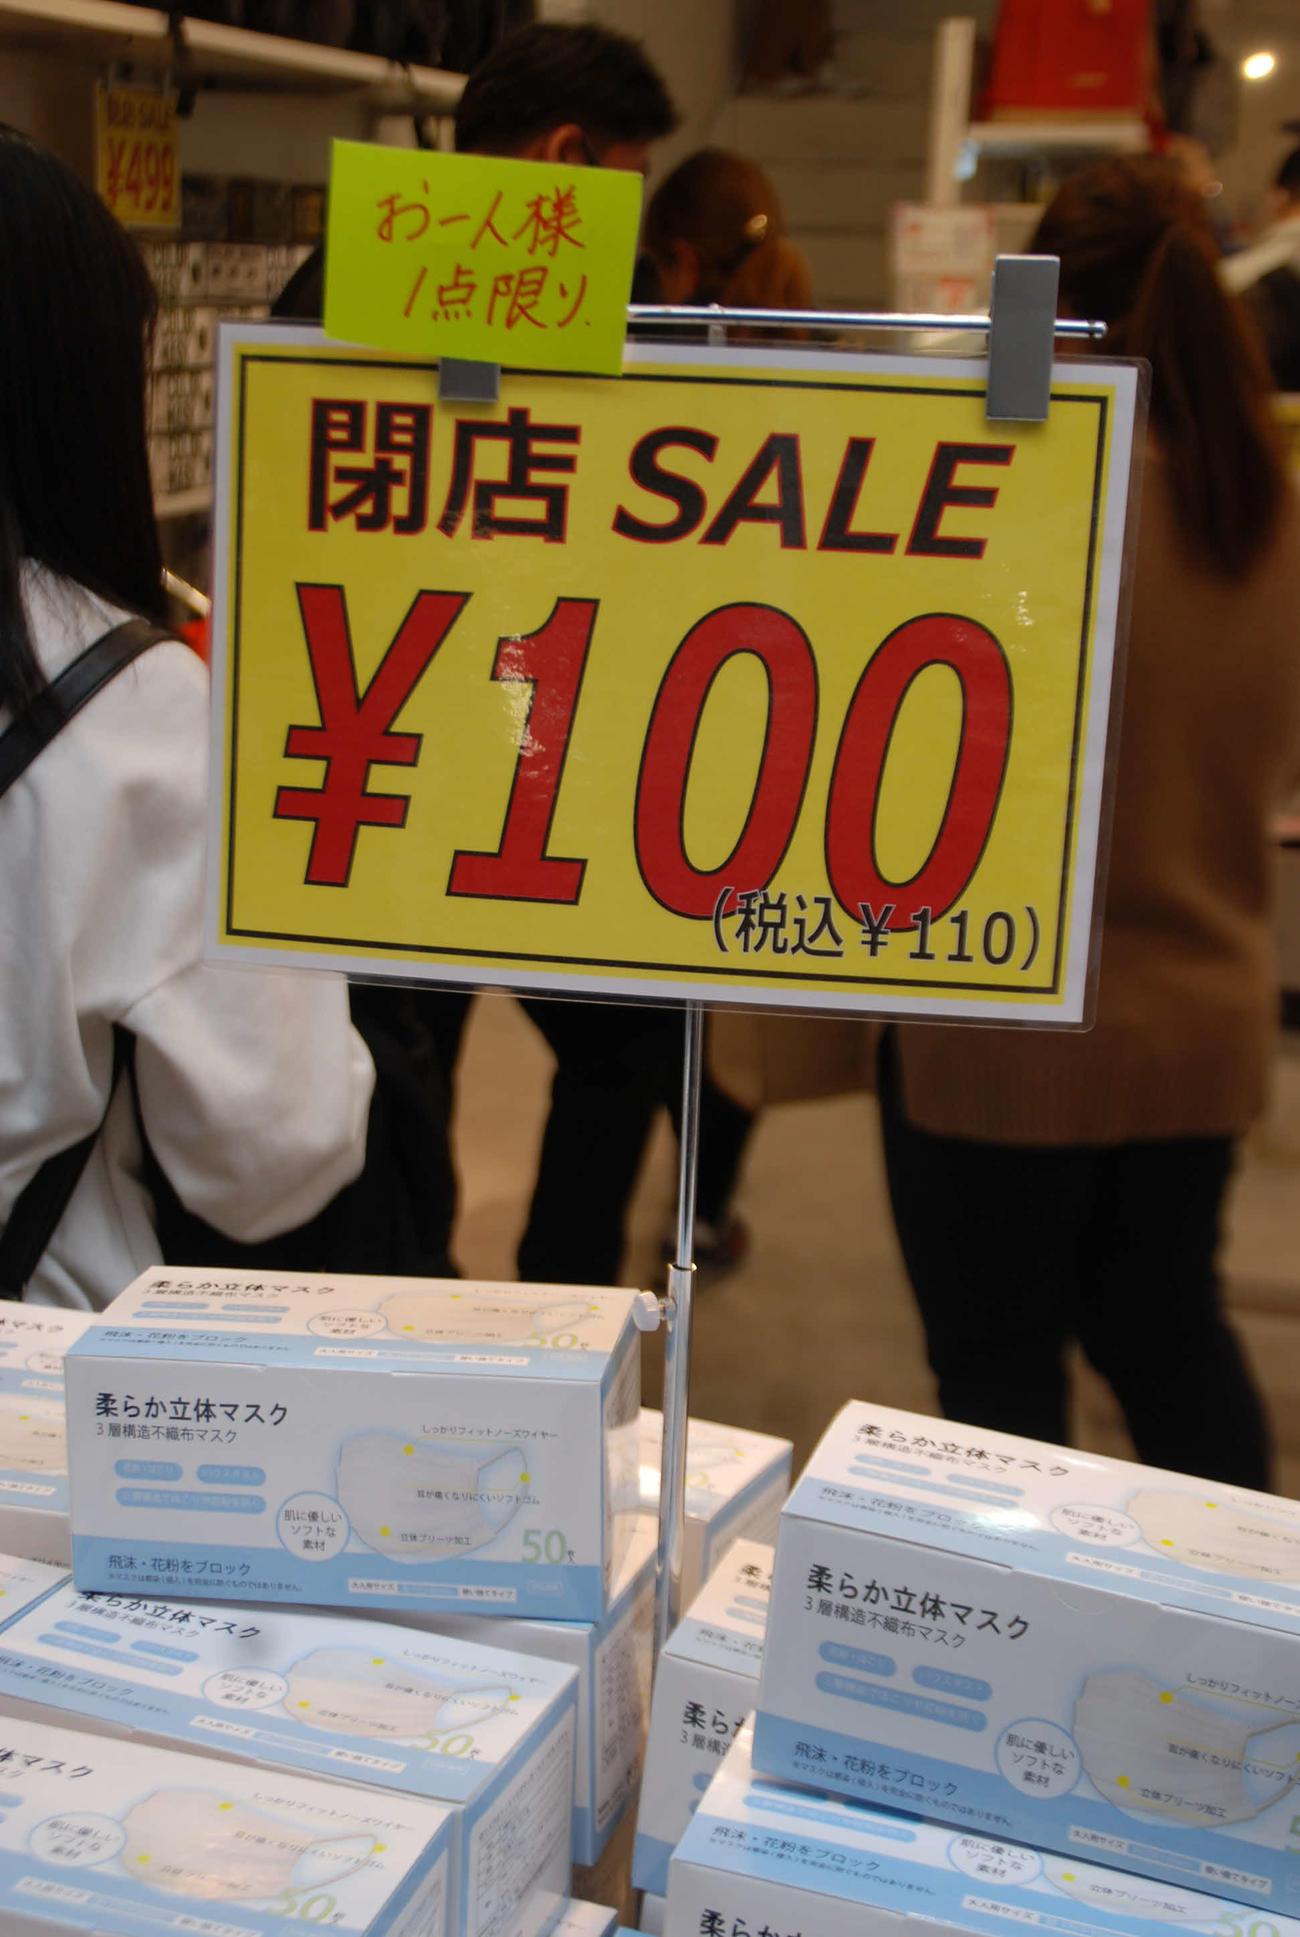 大阪・ミナミの戎橋商店街の店舗で販売されていた1箱(50枚入り)110円のマスク(撮影・松浦隆司)